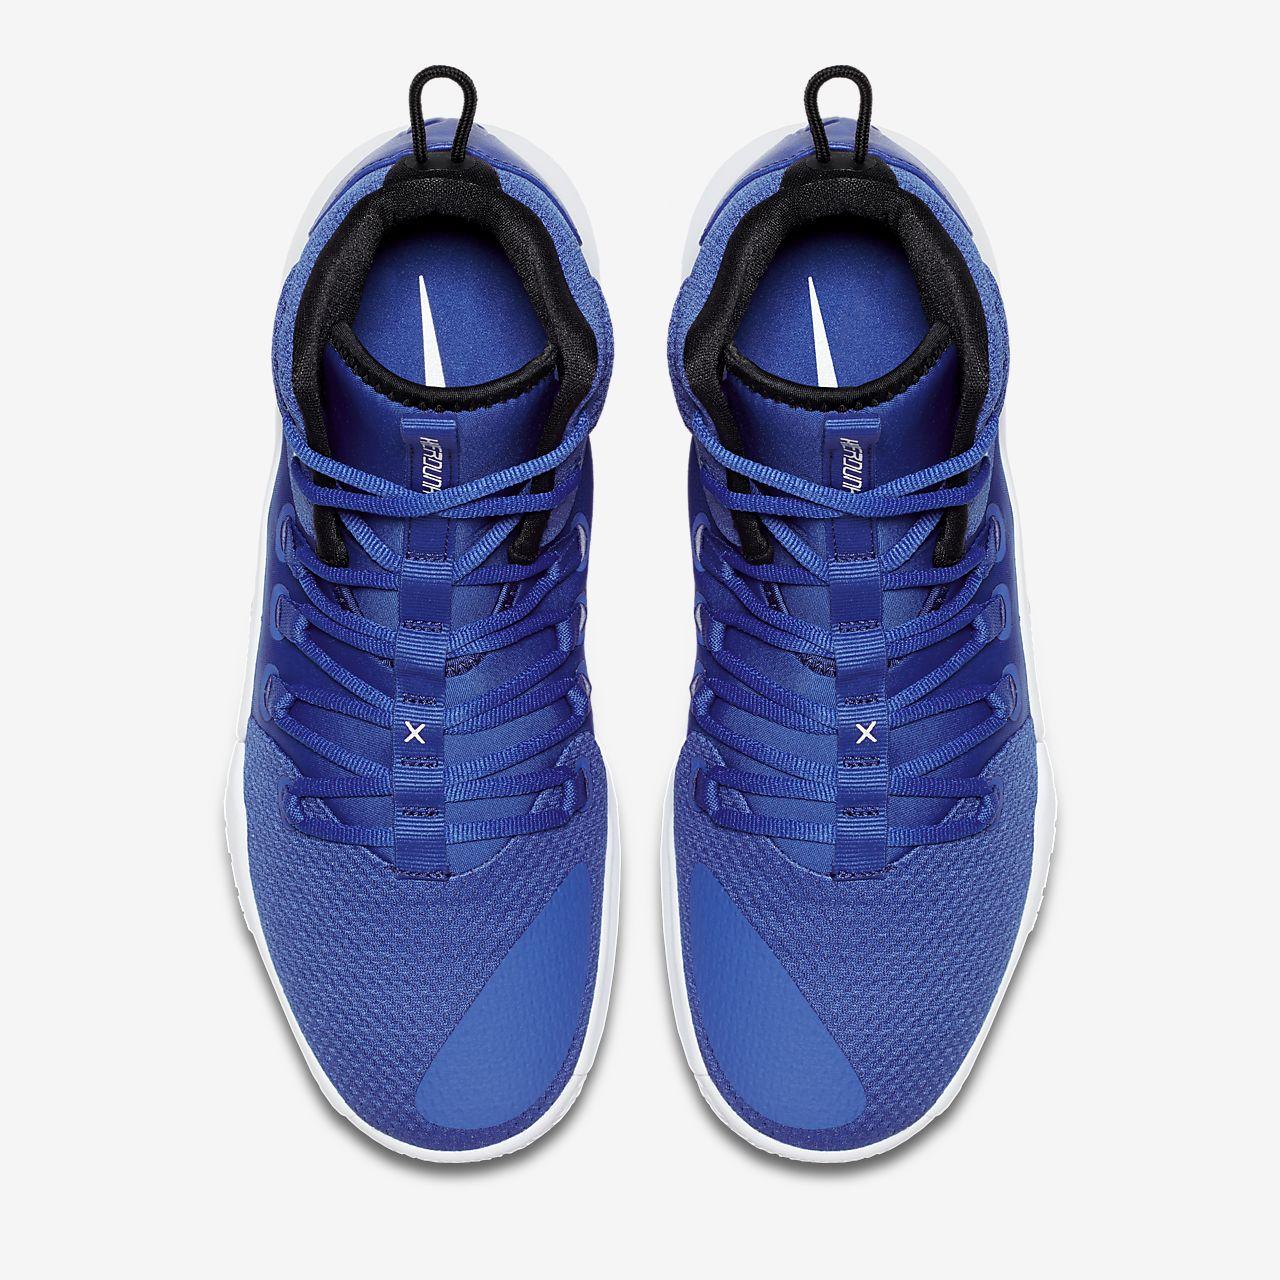 0ad5027a1f1c Low Resolution Nike Hyperdunk X TB Basketball Shoe Nike Hyperdunk X TB  Basketball Shoe